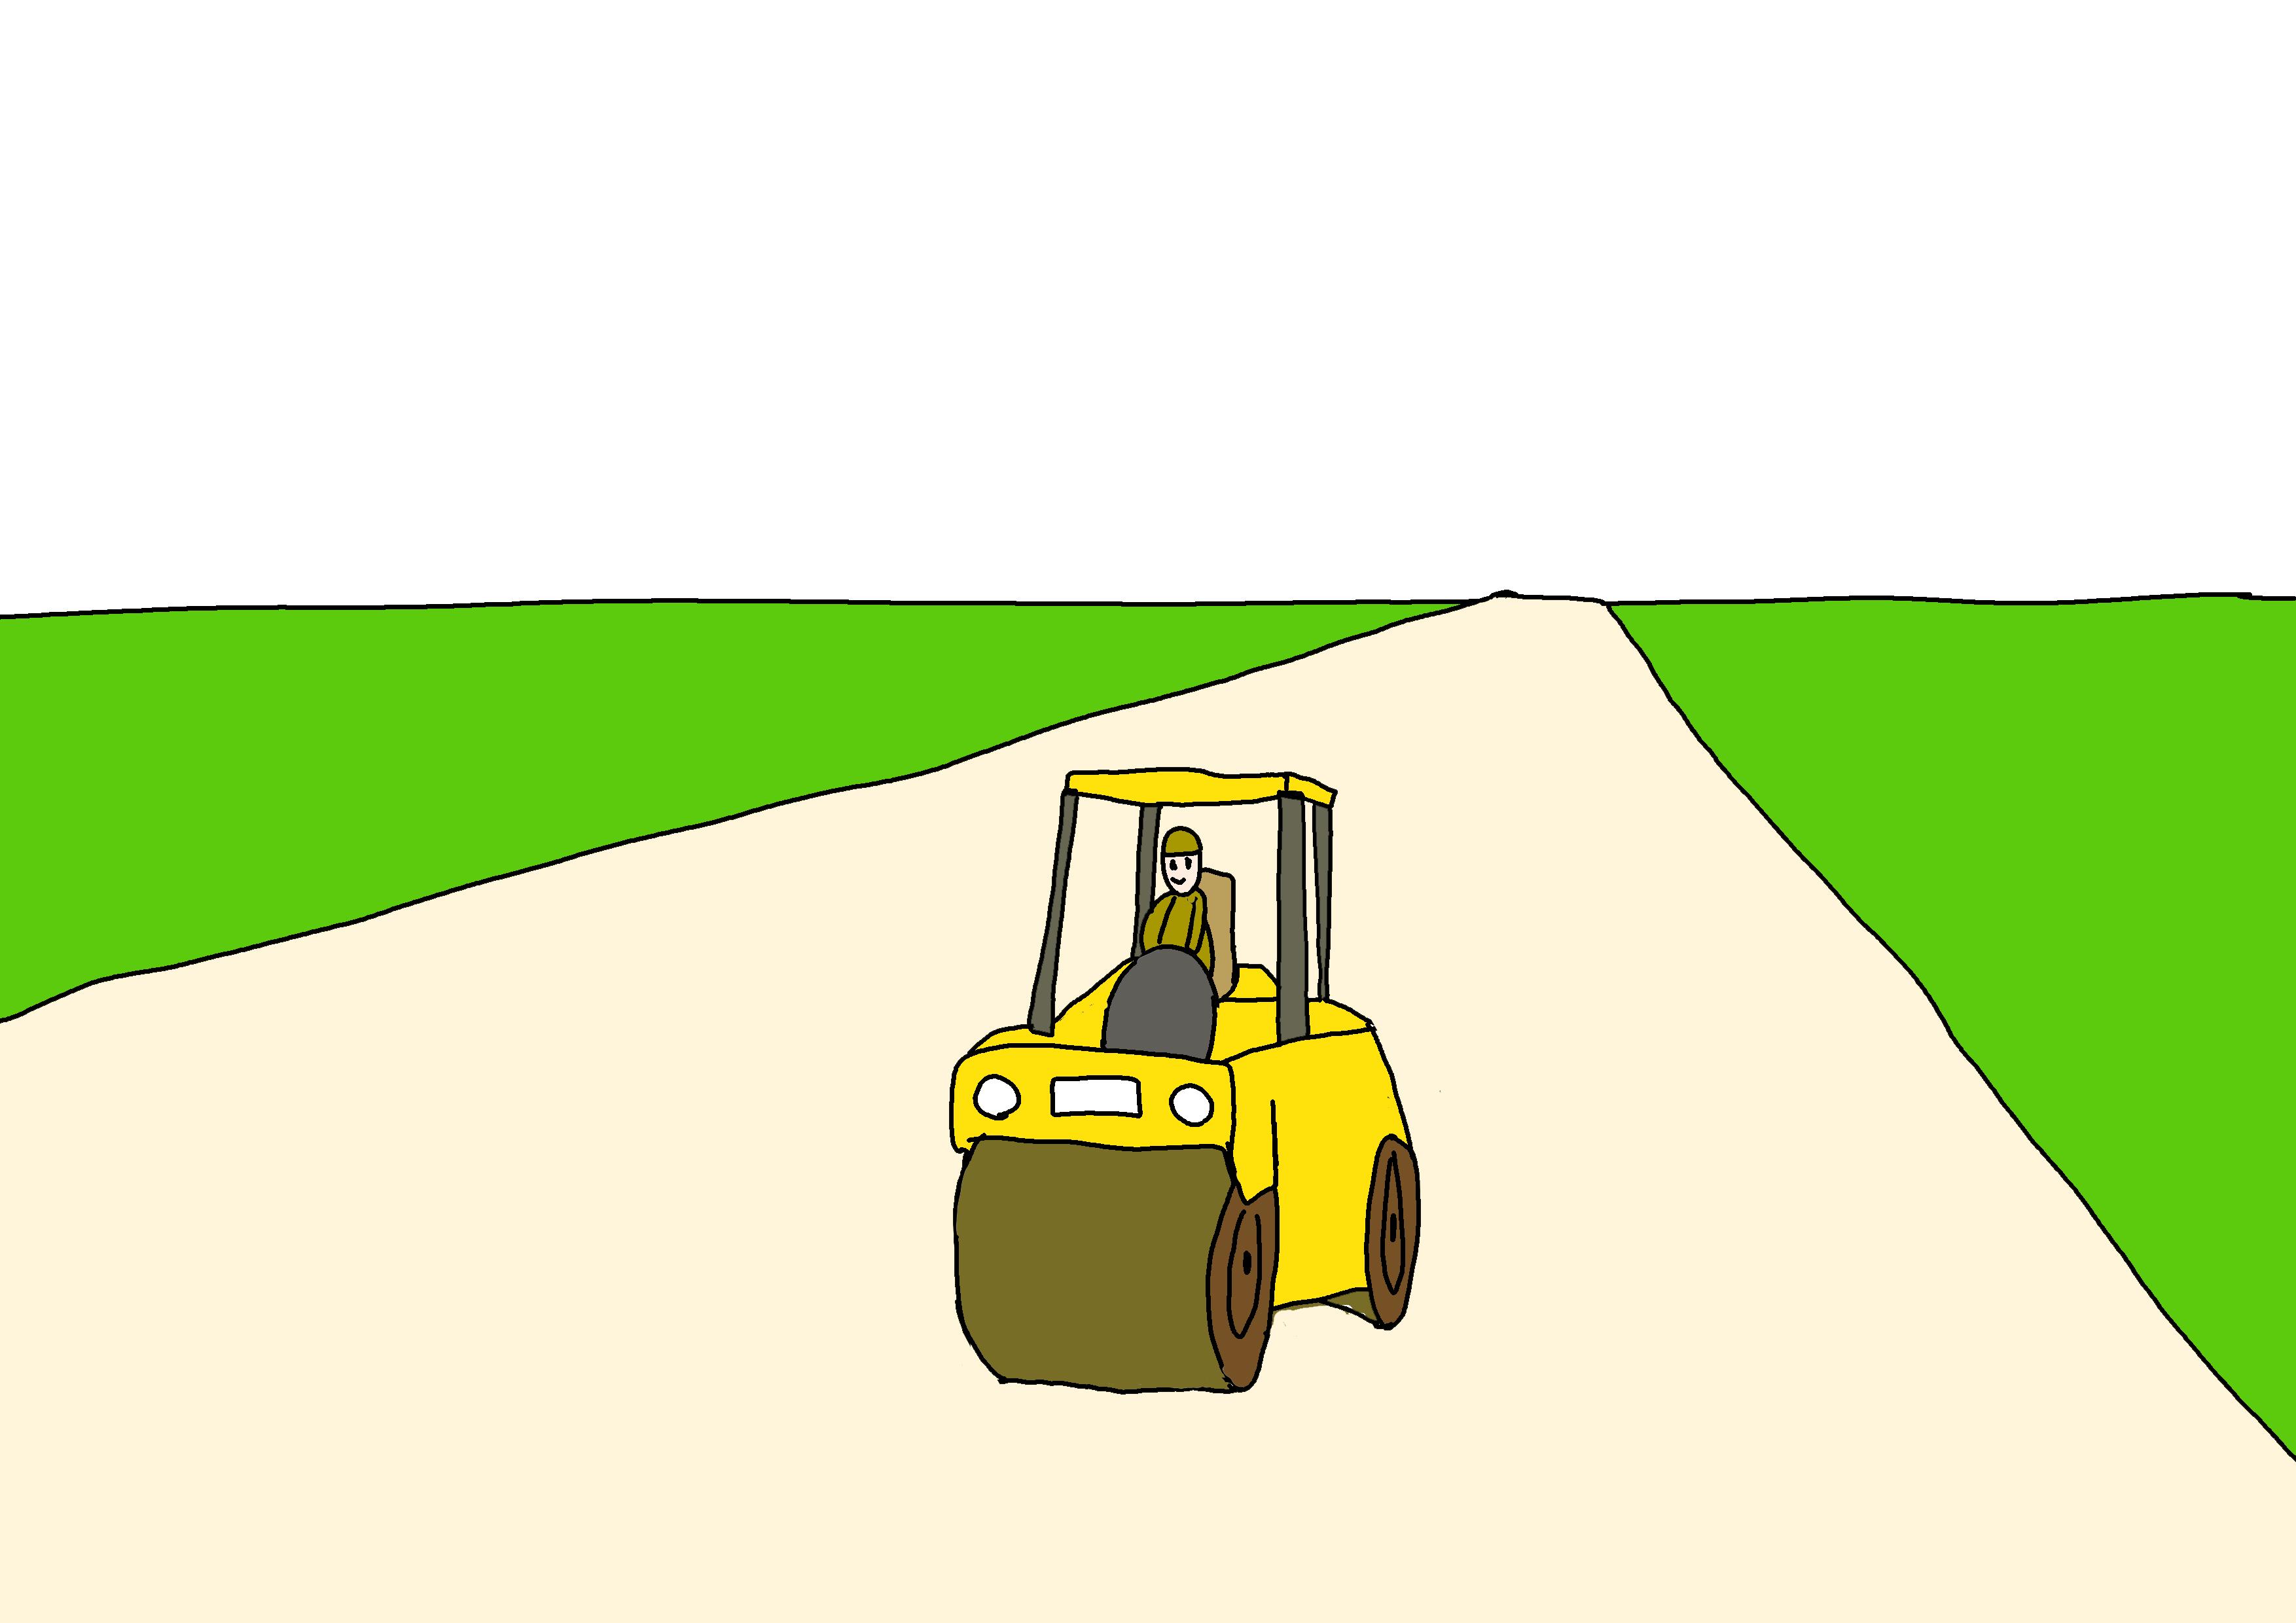 27課イラスト【道を作る】